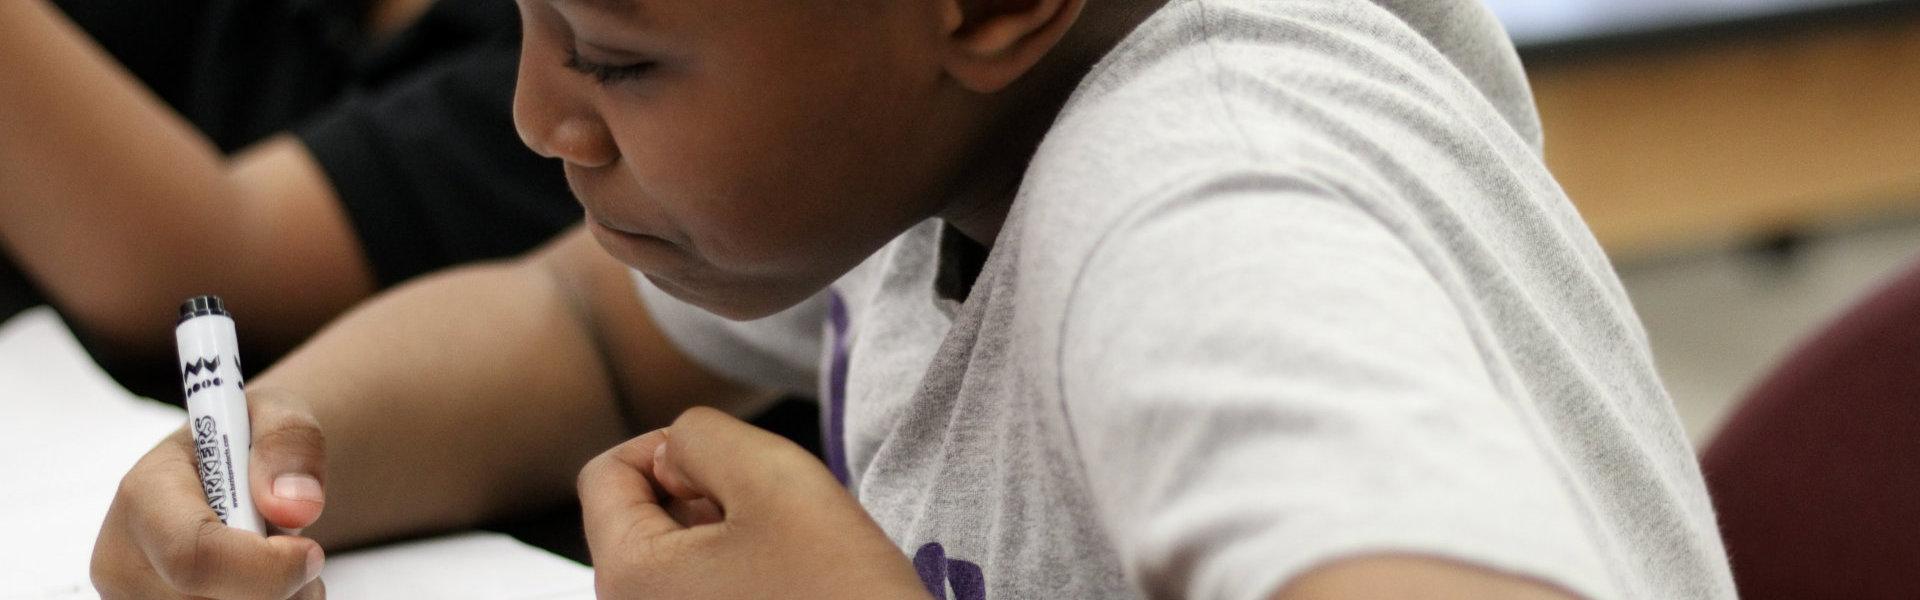 kid writting